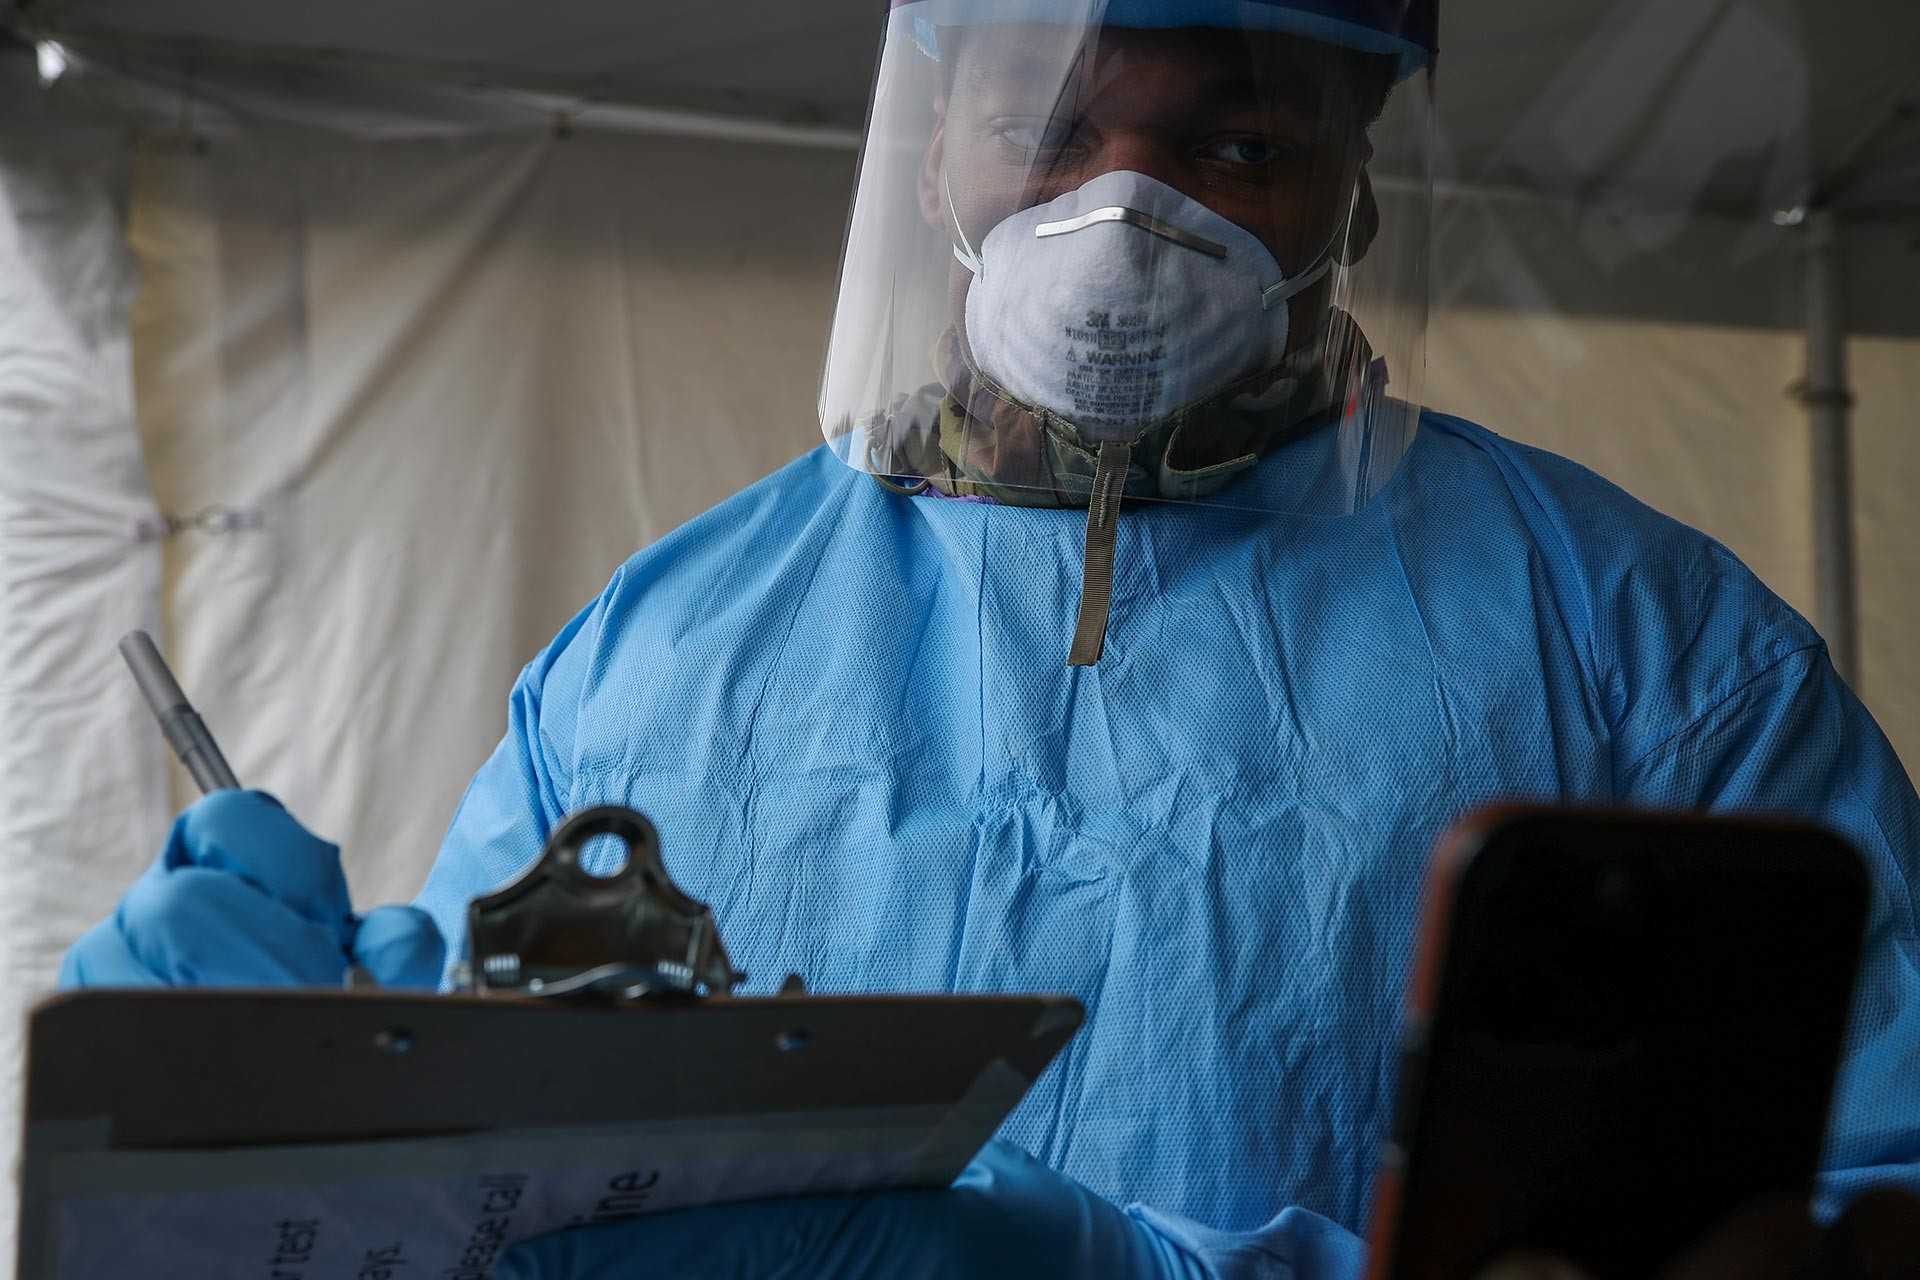 ABD'de halkı koronavirüs taramasına tabi tutan bir sağlık çalışanı.